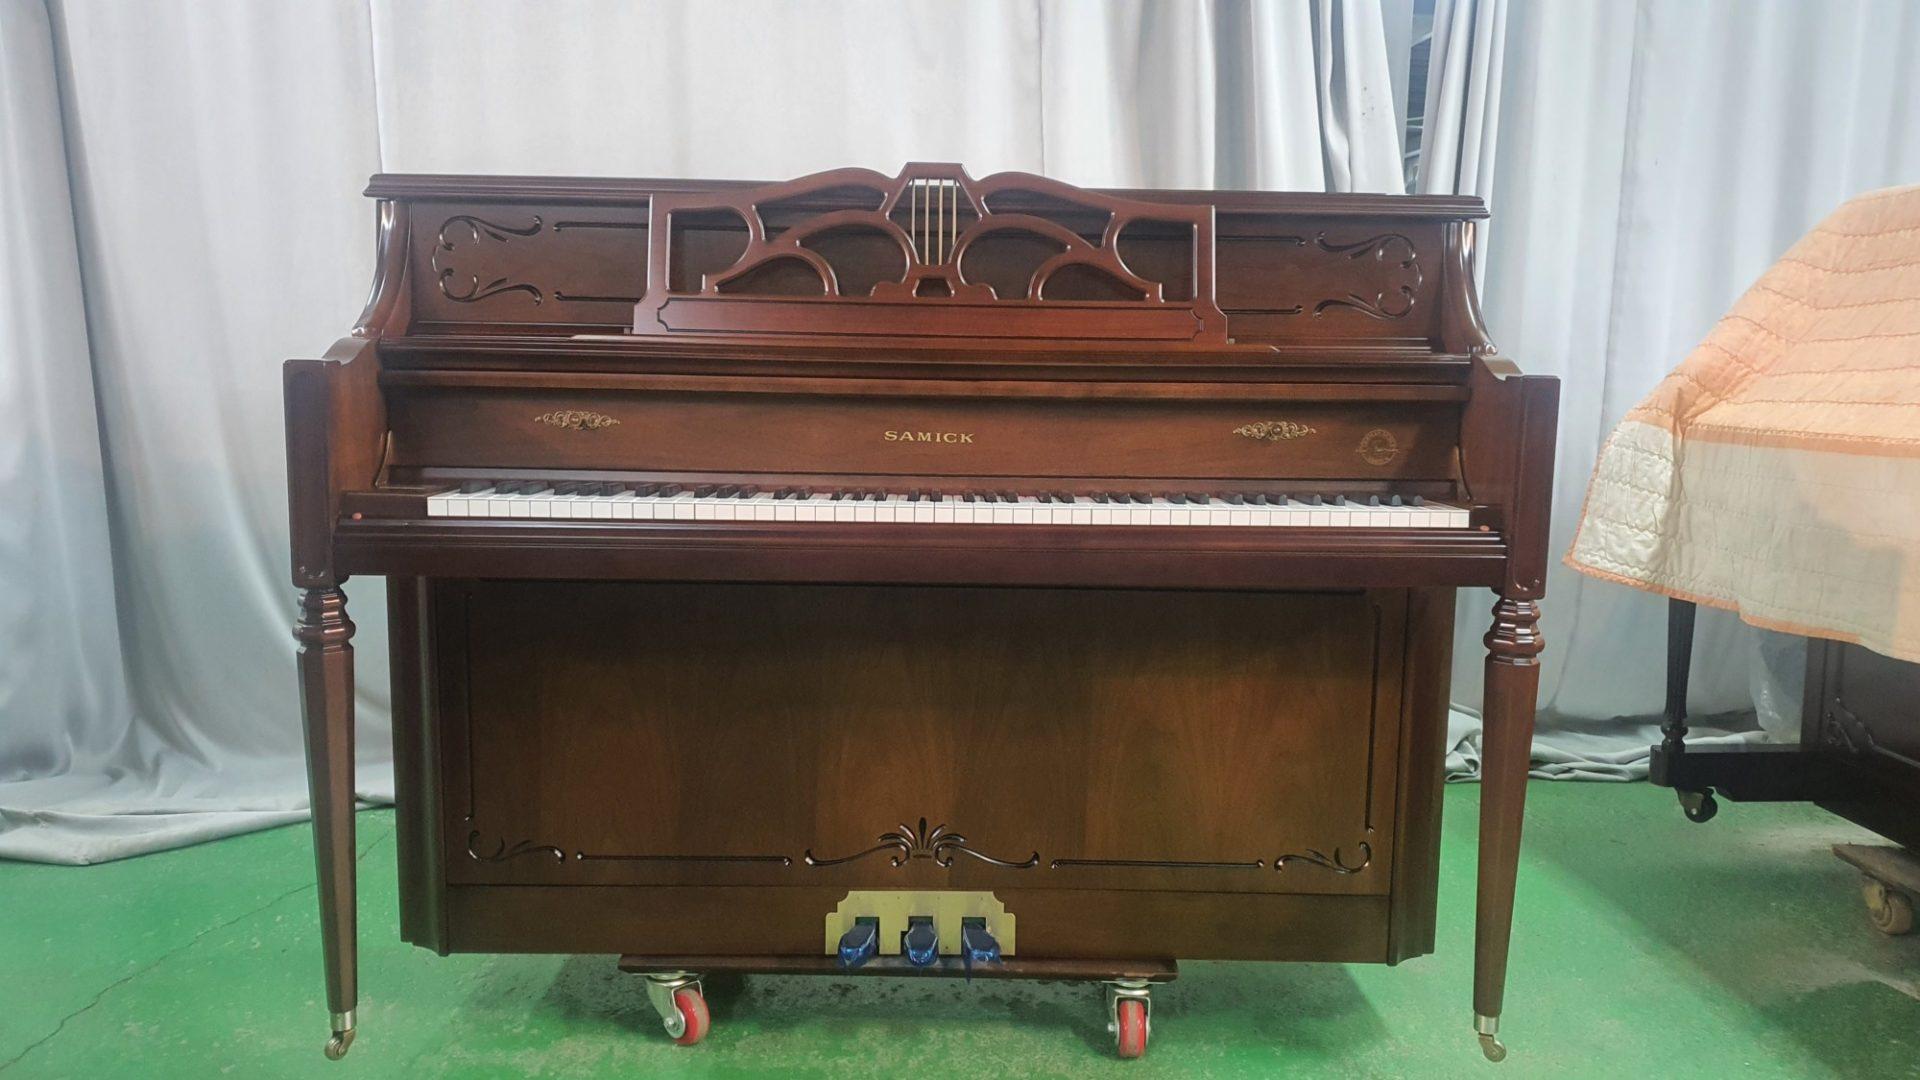 [대여완료] 삼익피아노 SC-100M 월대여 가능